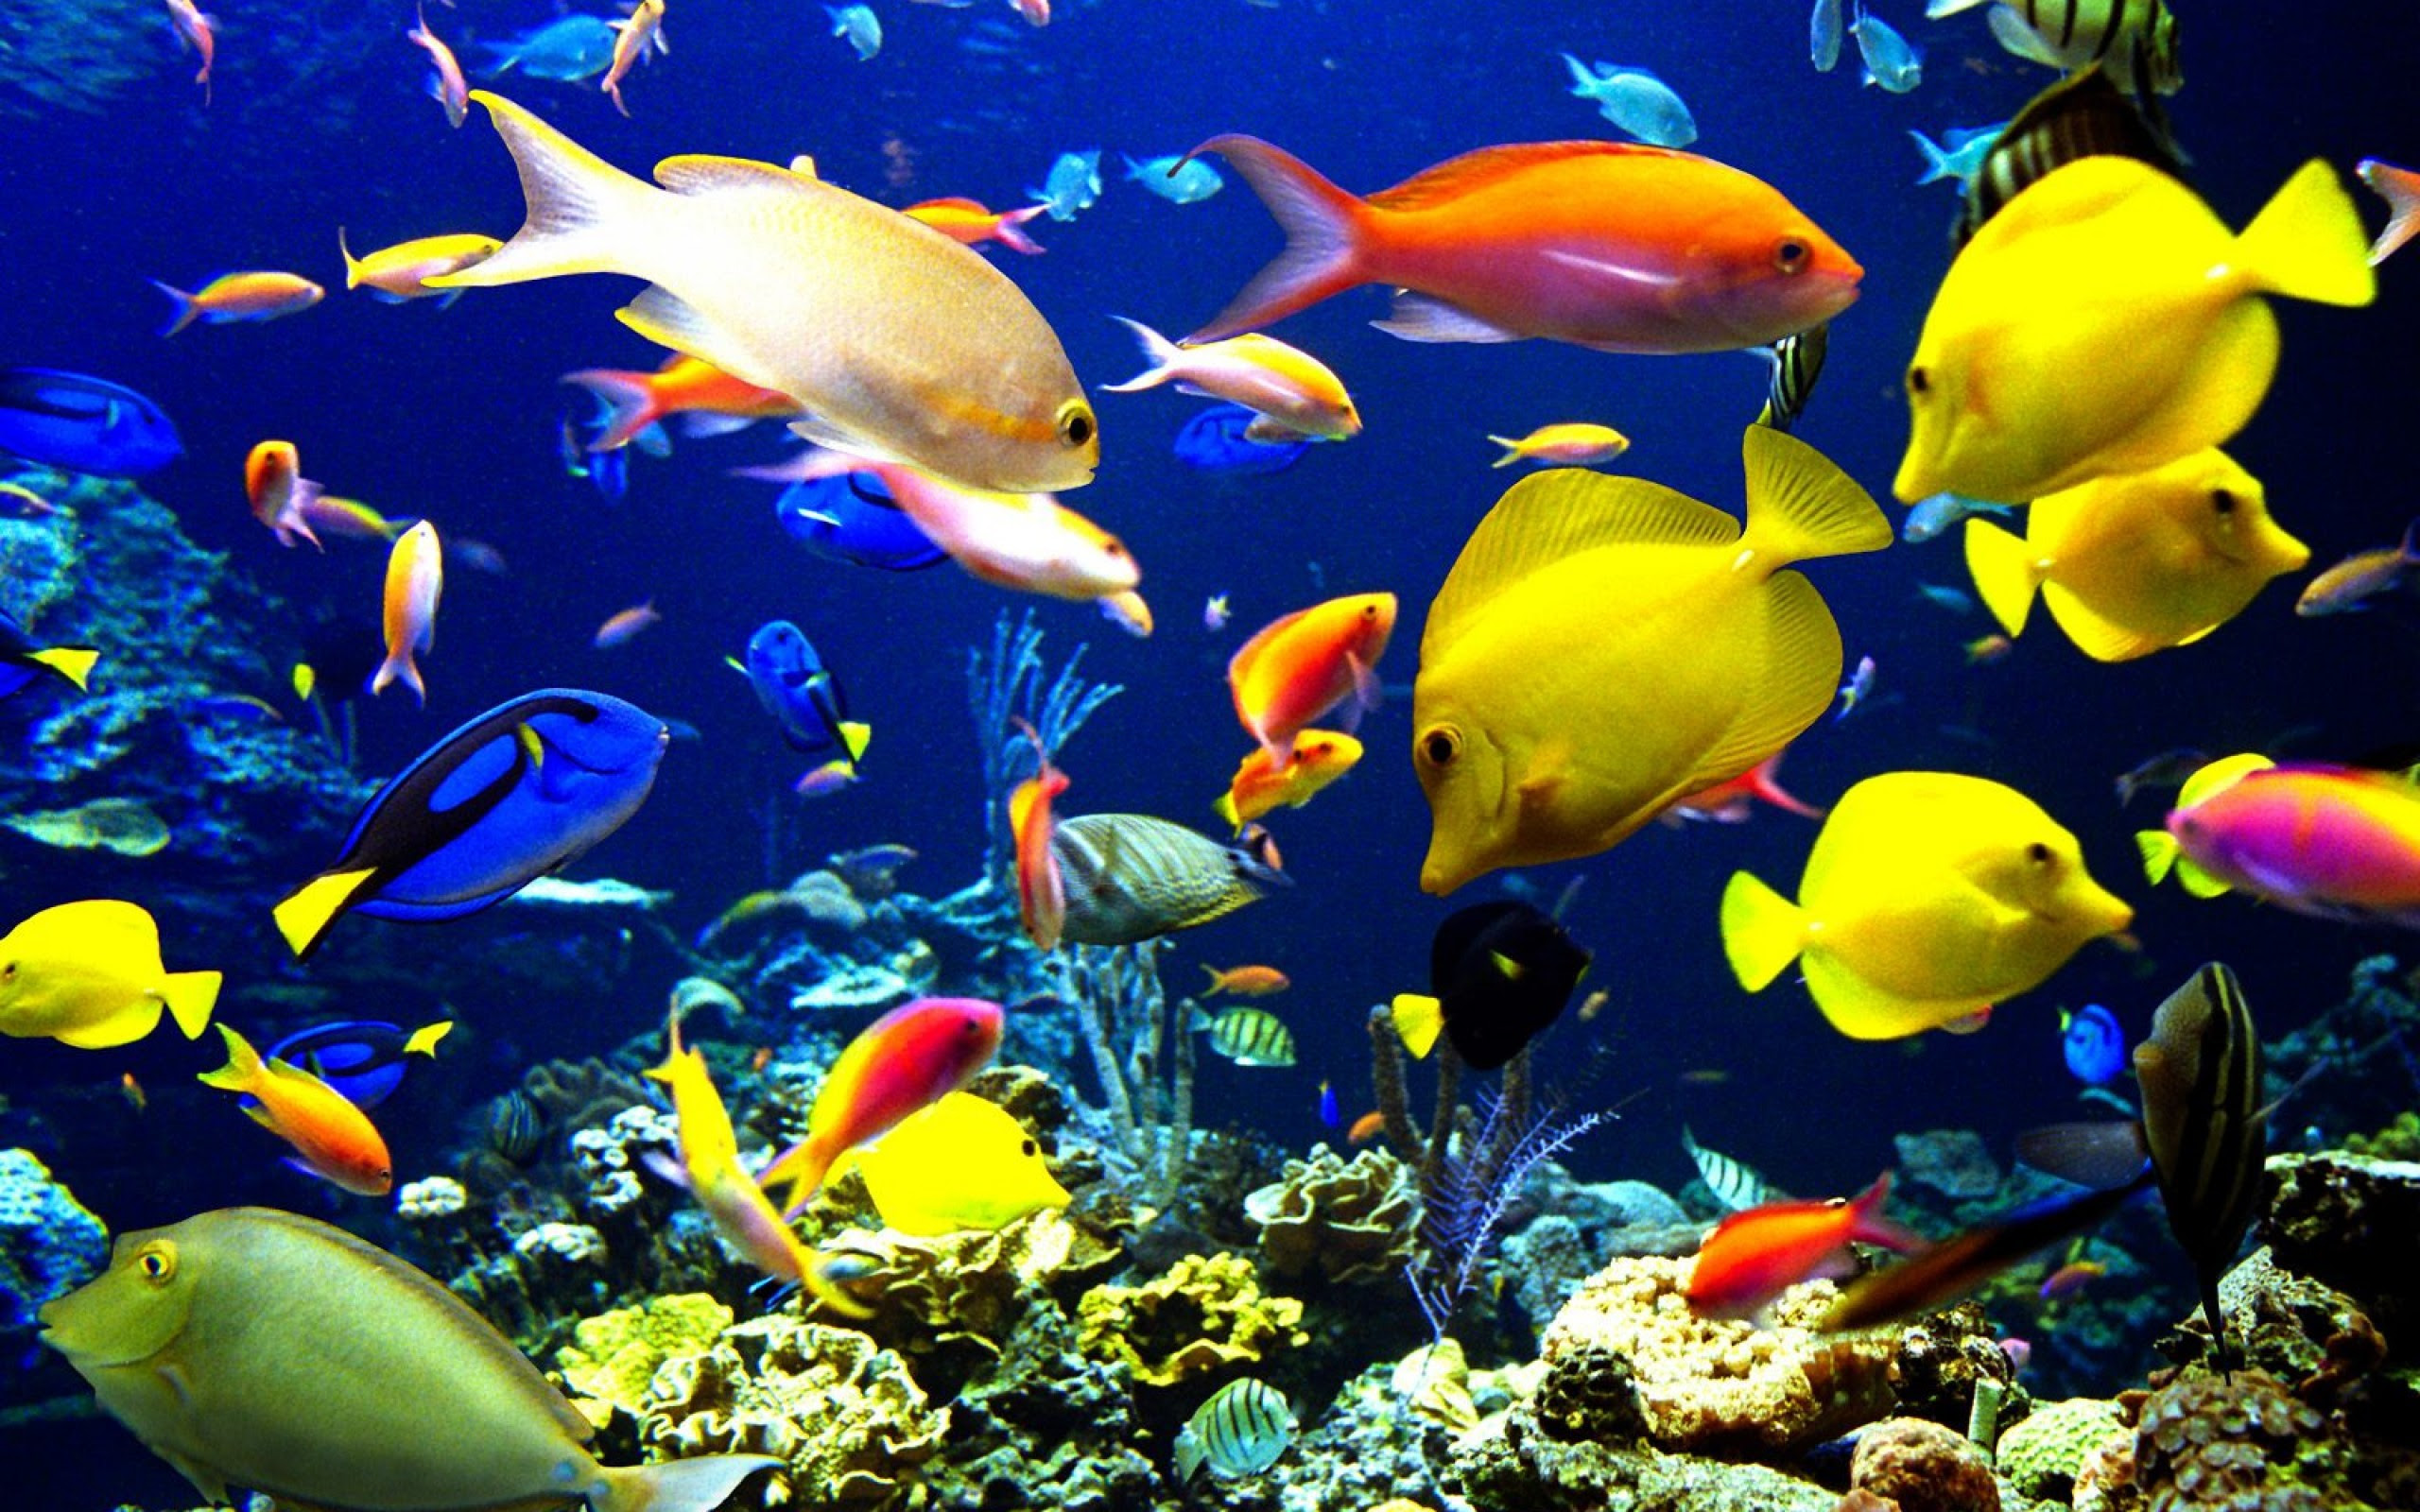 Ocean Fish Wallpaper 62 Images